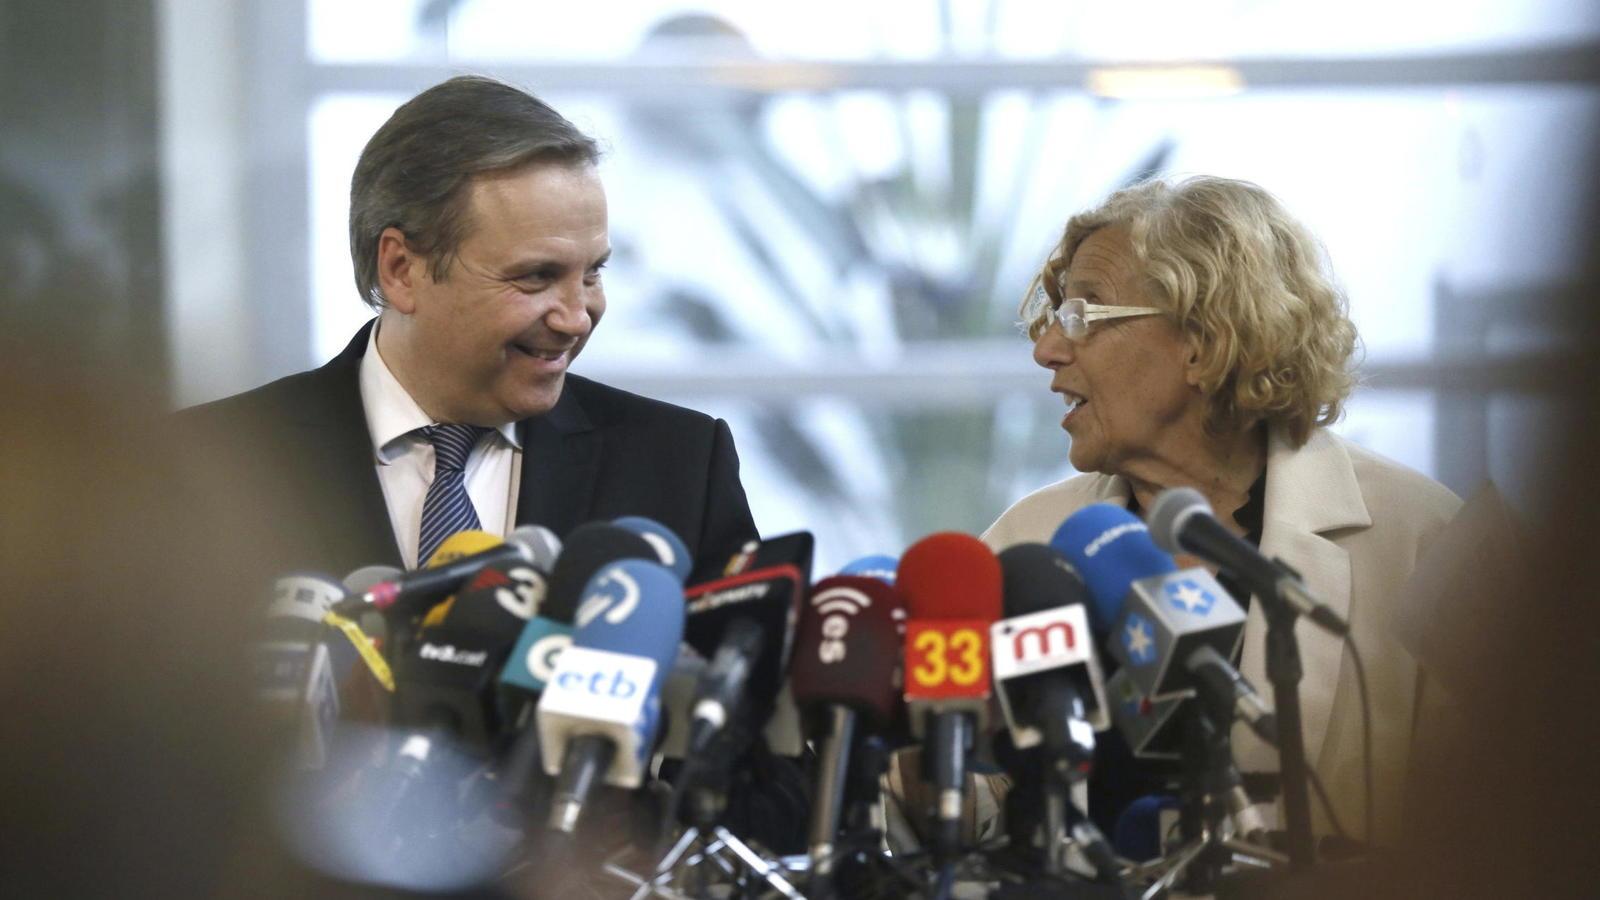 asi-hemos-contado-en-directo-las-investiduras-en-los-ayuntamientos-espanoles-carmena-y-colau-alcaldesas-de-madrid-y-barcelona